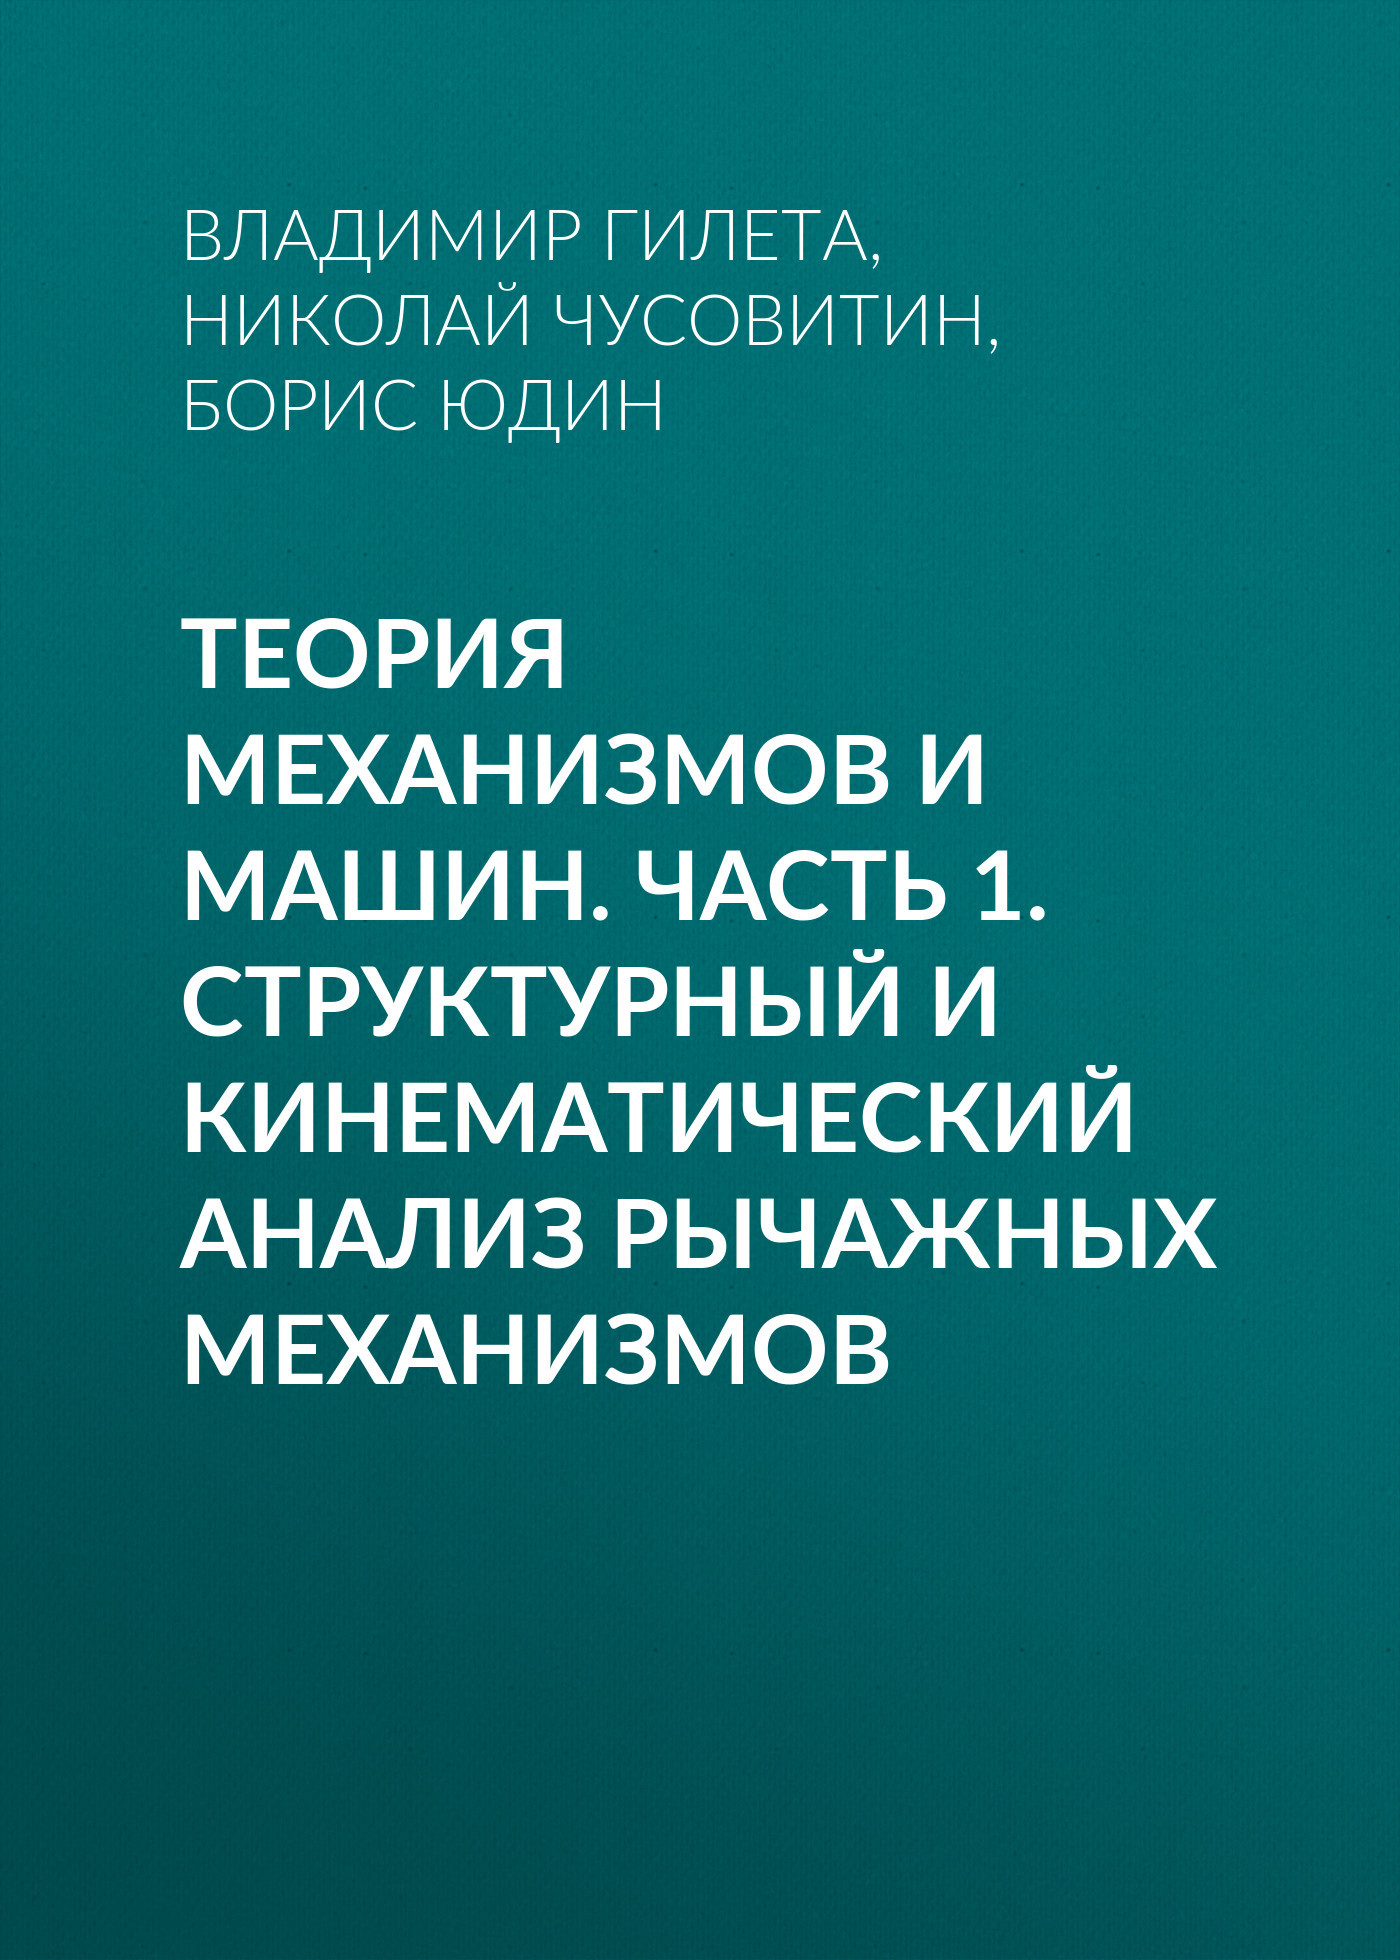 Борис Юдин Теория механизмов и машин. Часть 1. Структурный и кинематический анализ рычажных механизмов